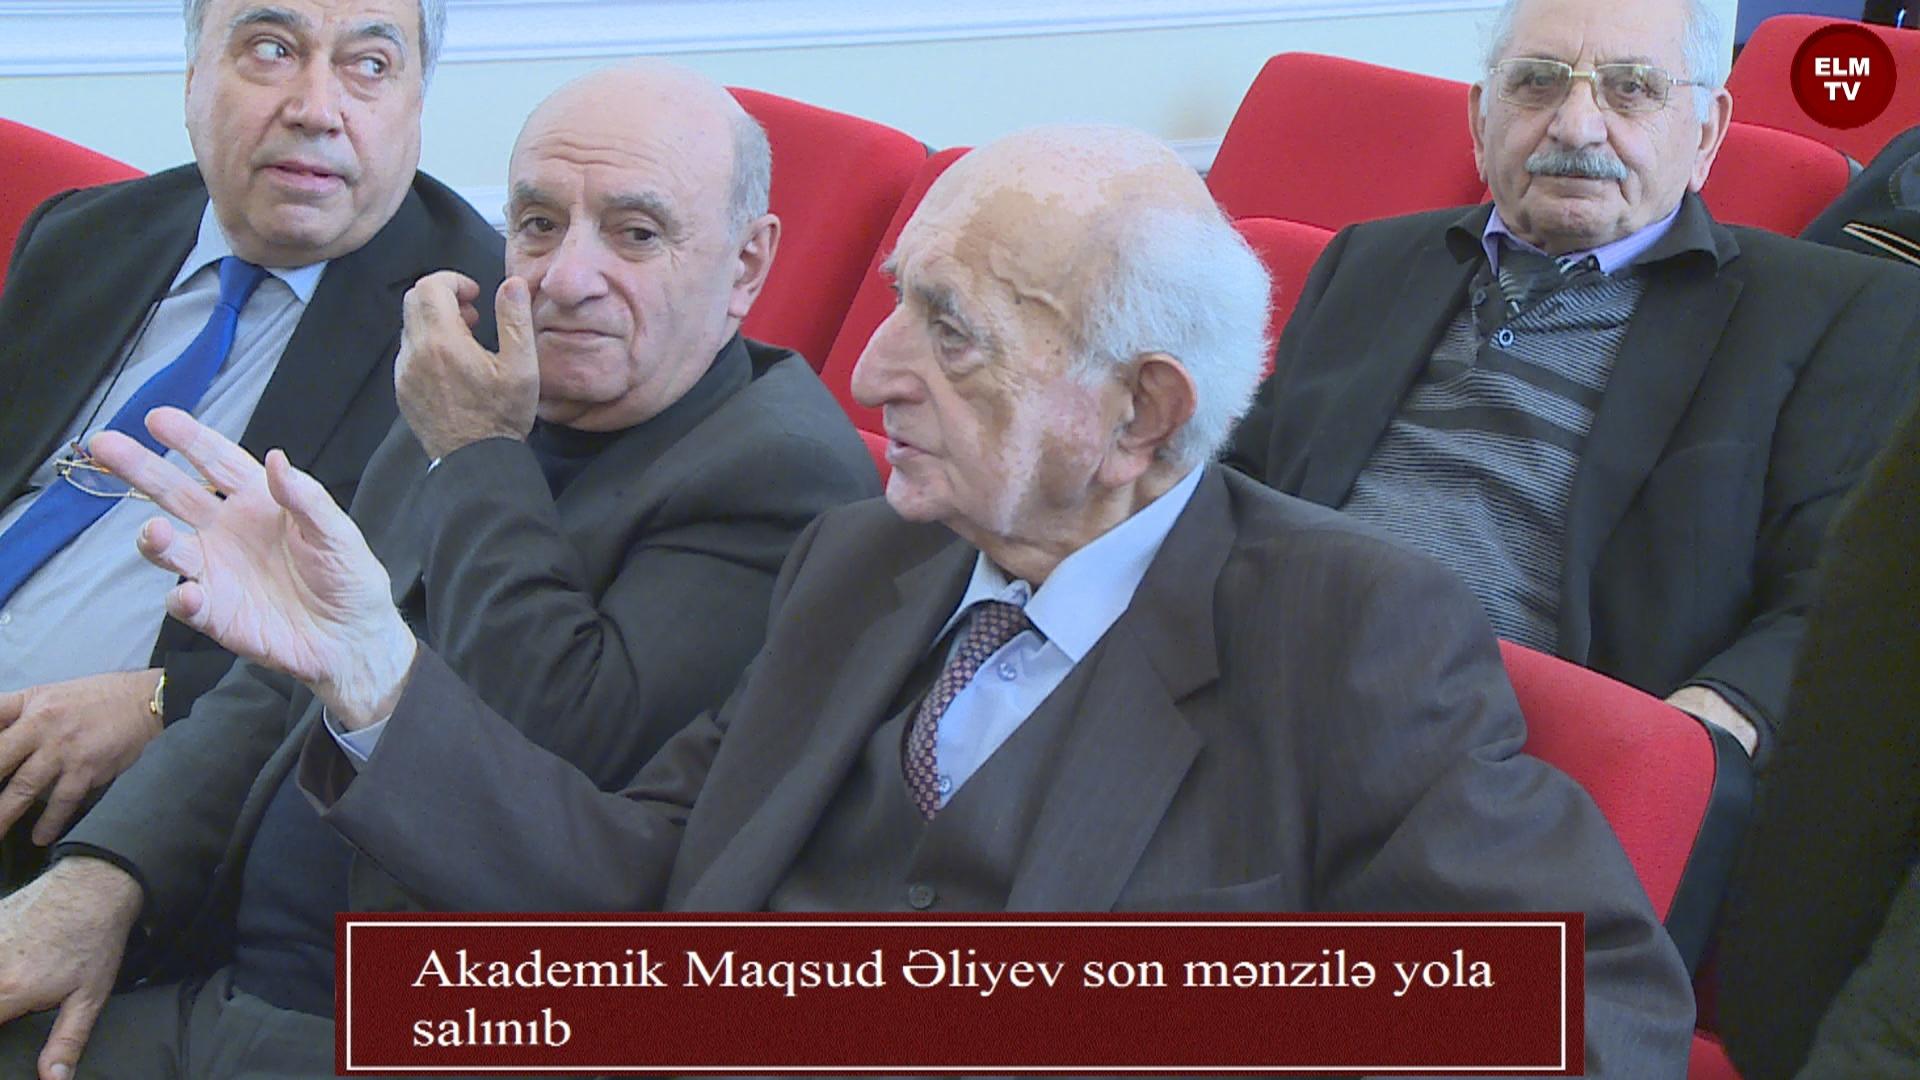 Akademik Maqsud Əliyev son mənzilə yola salınıb